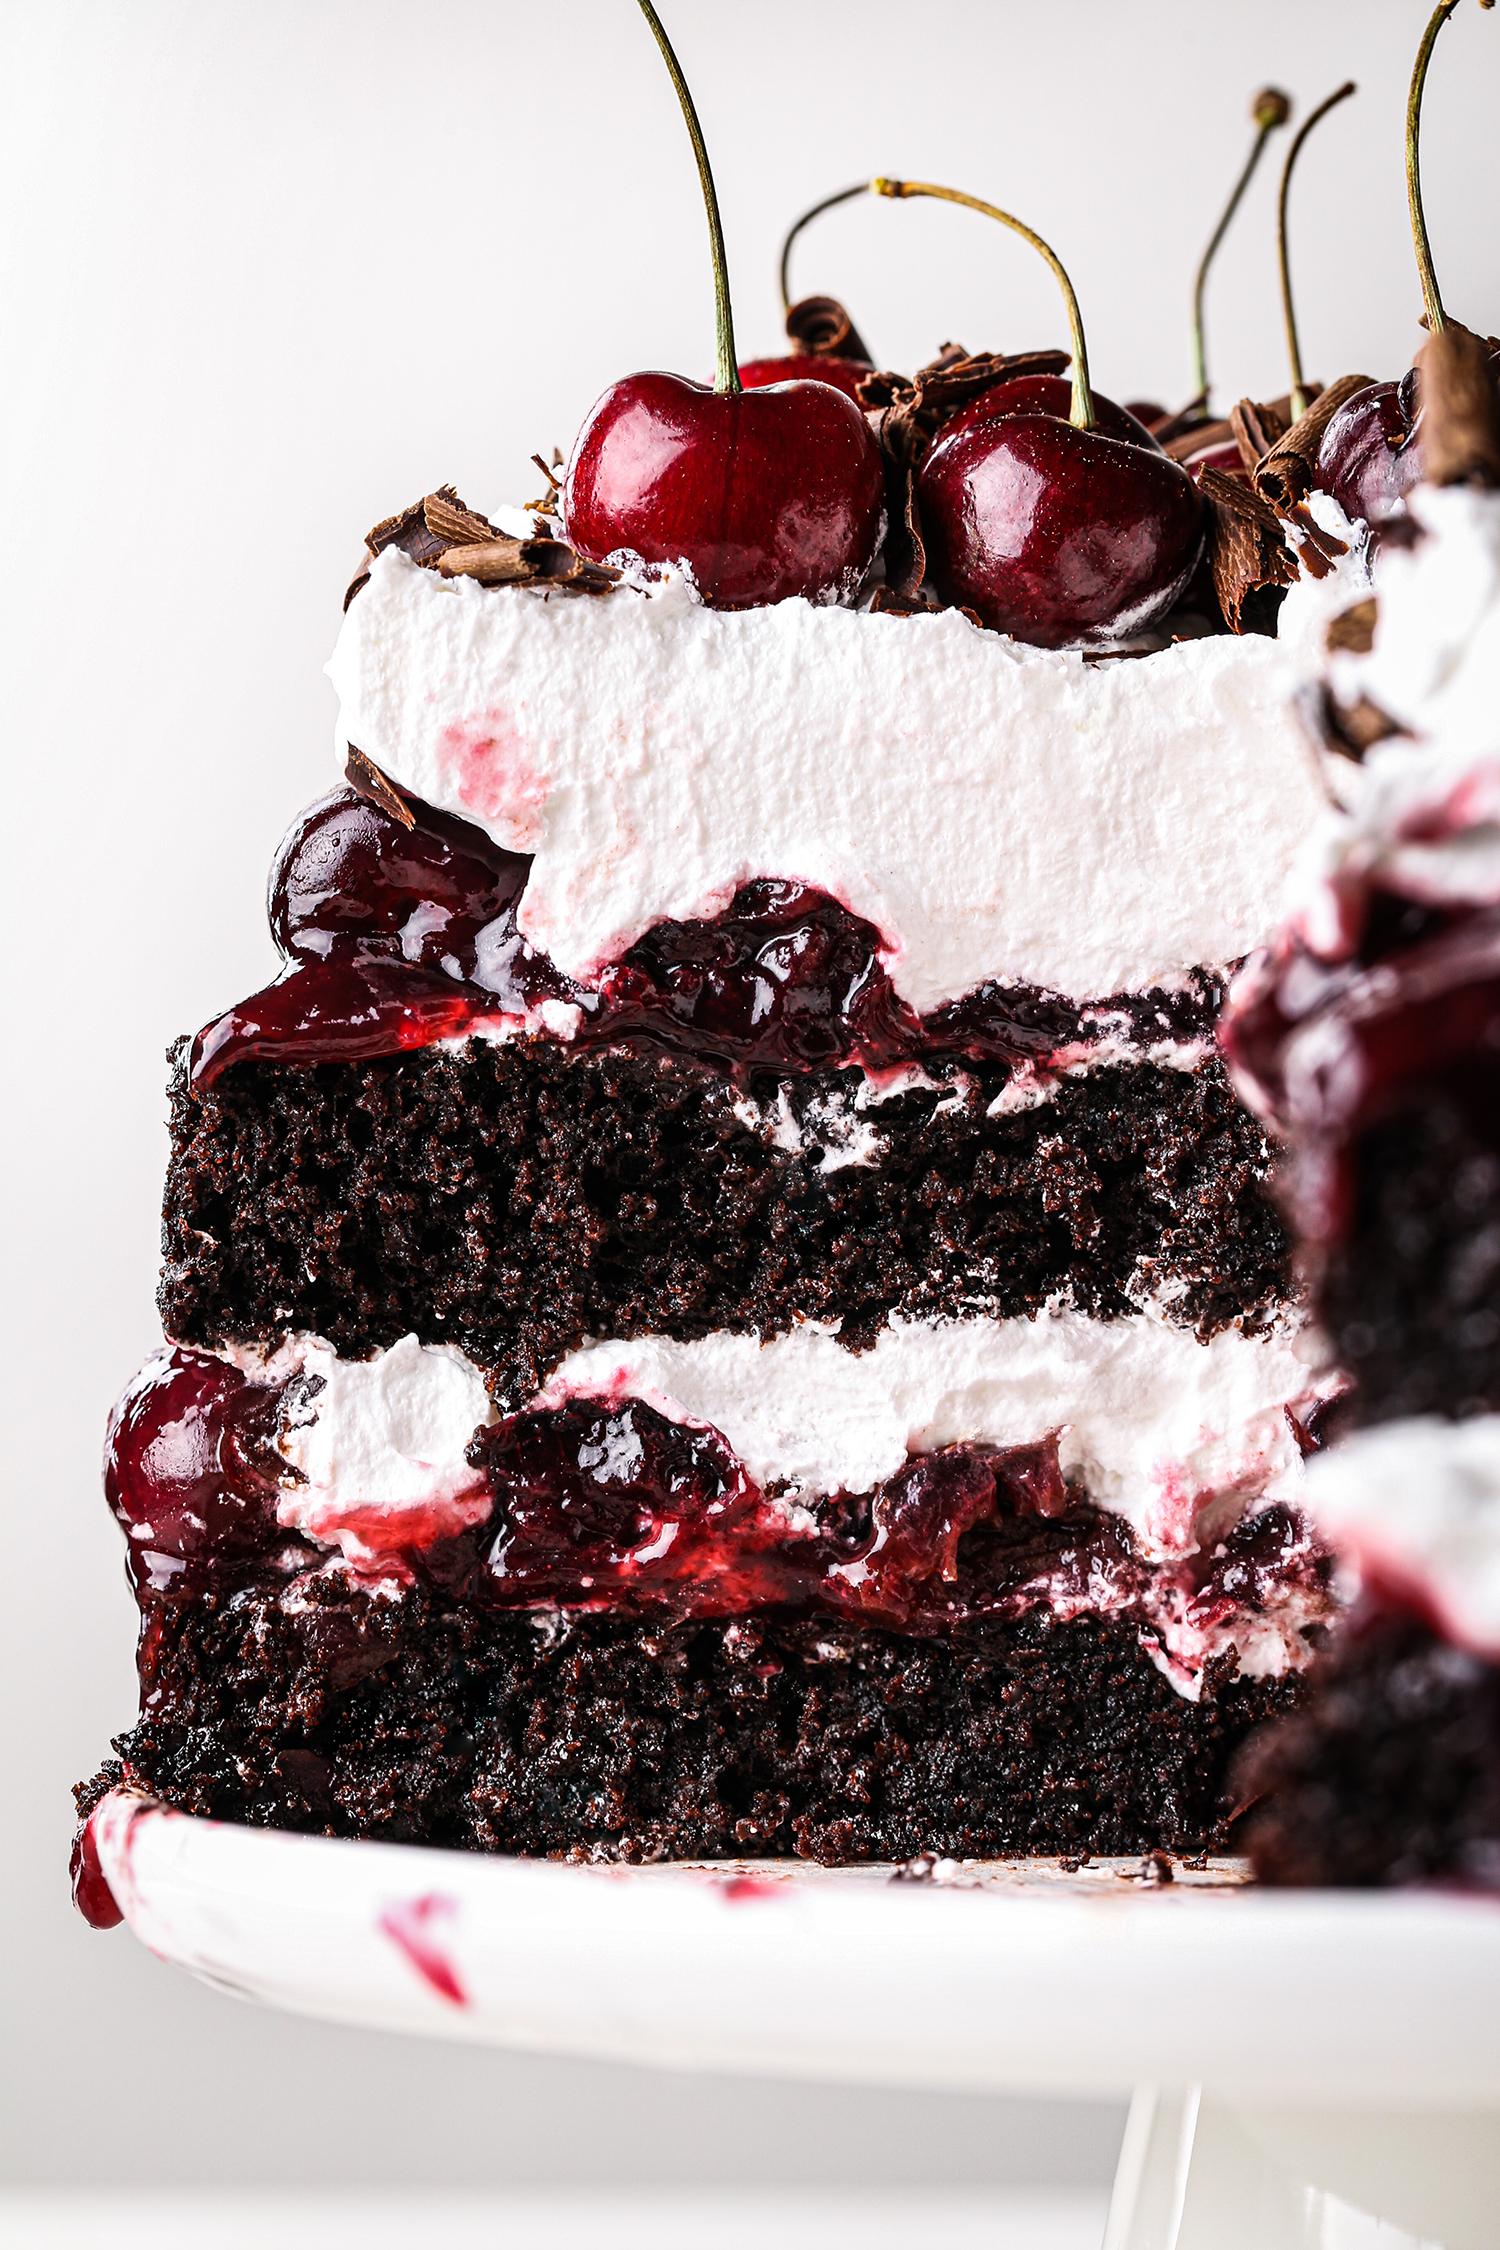 Simple Black Forest Cake Sliced